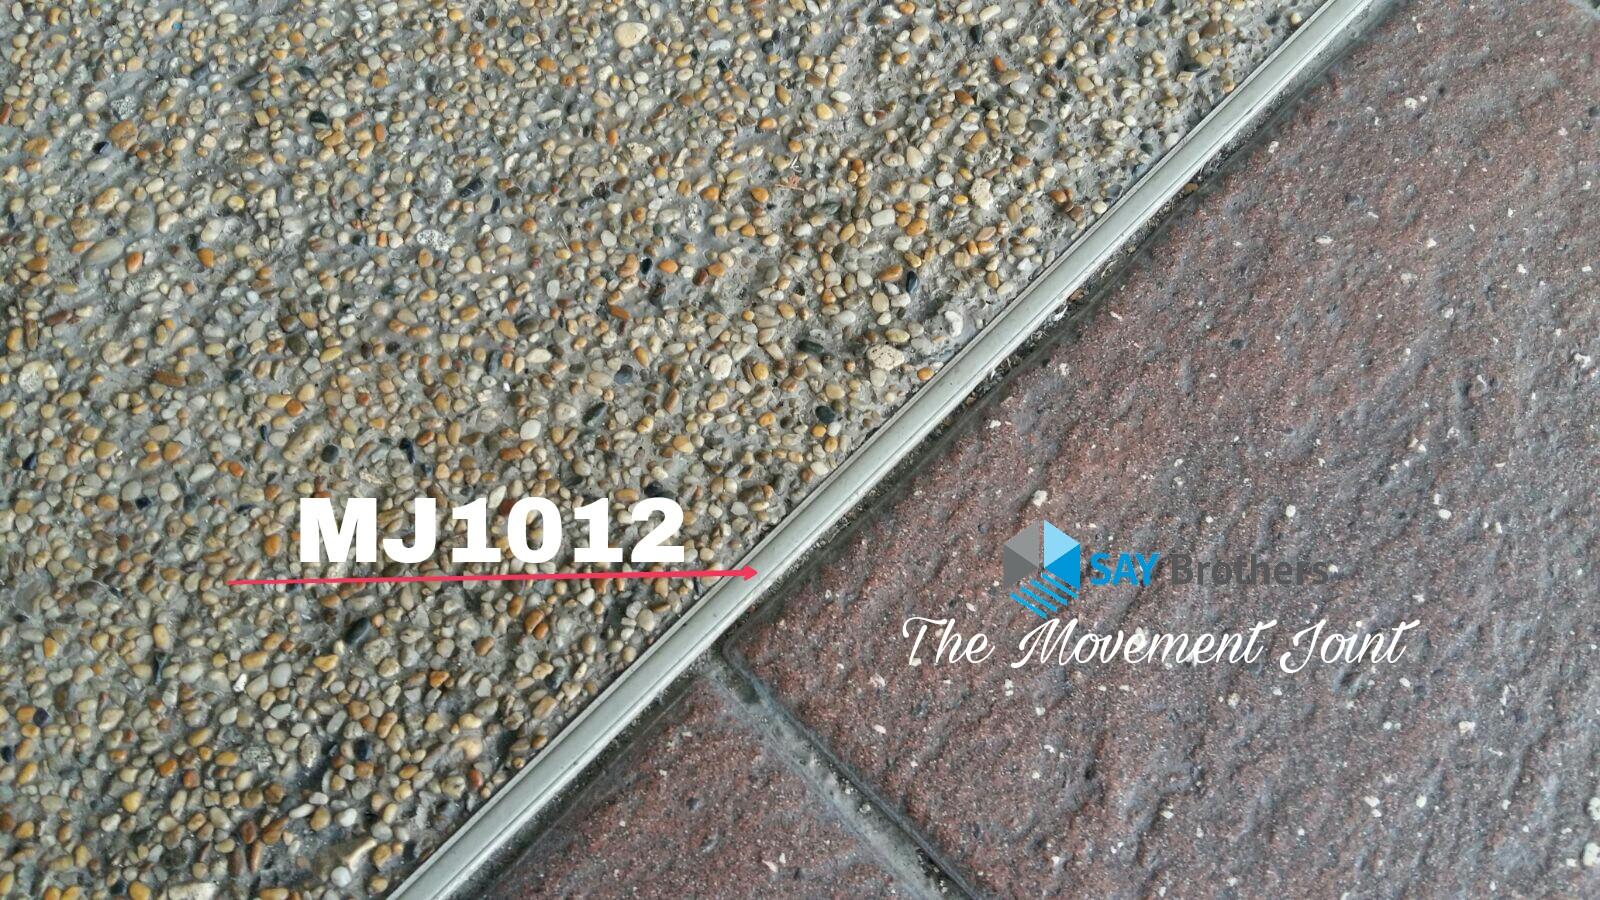 floor-movement-joint